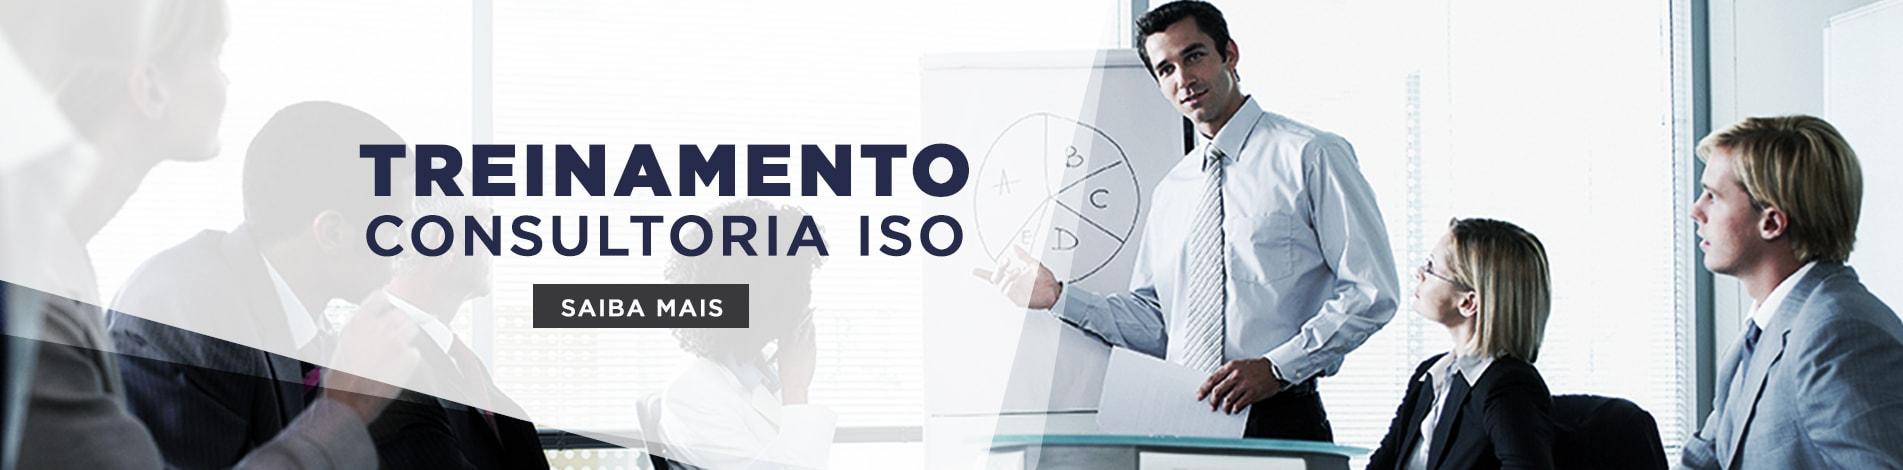 Treinamento ISO